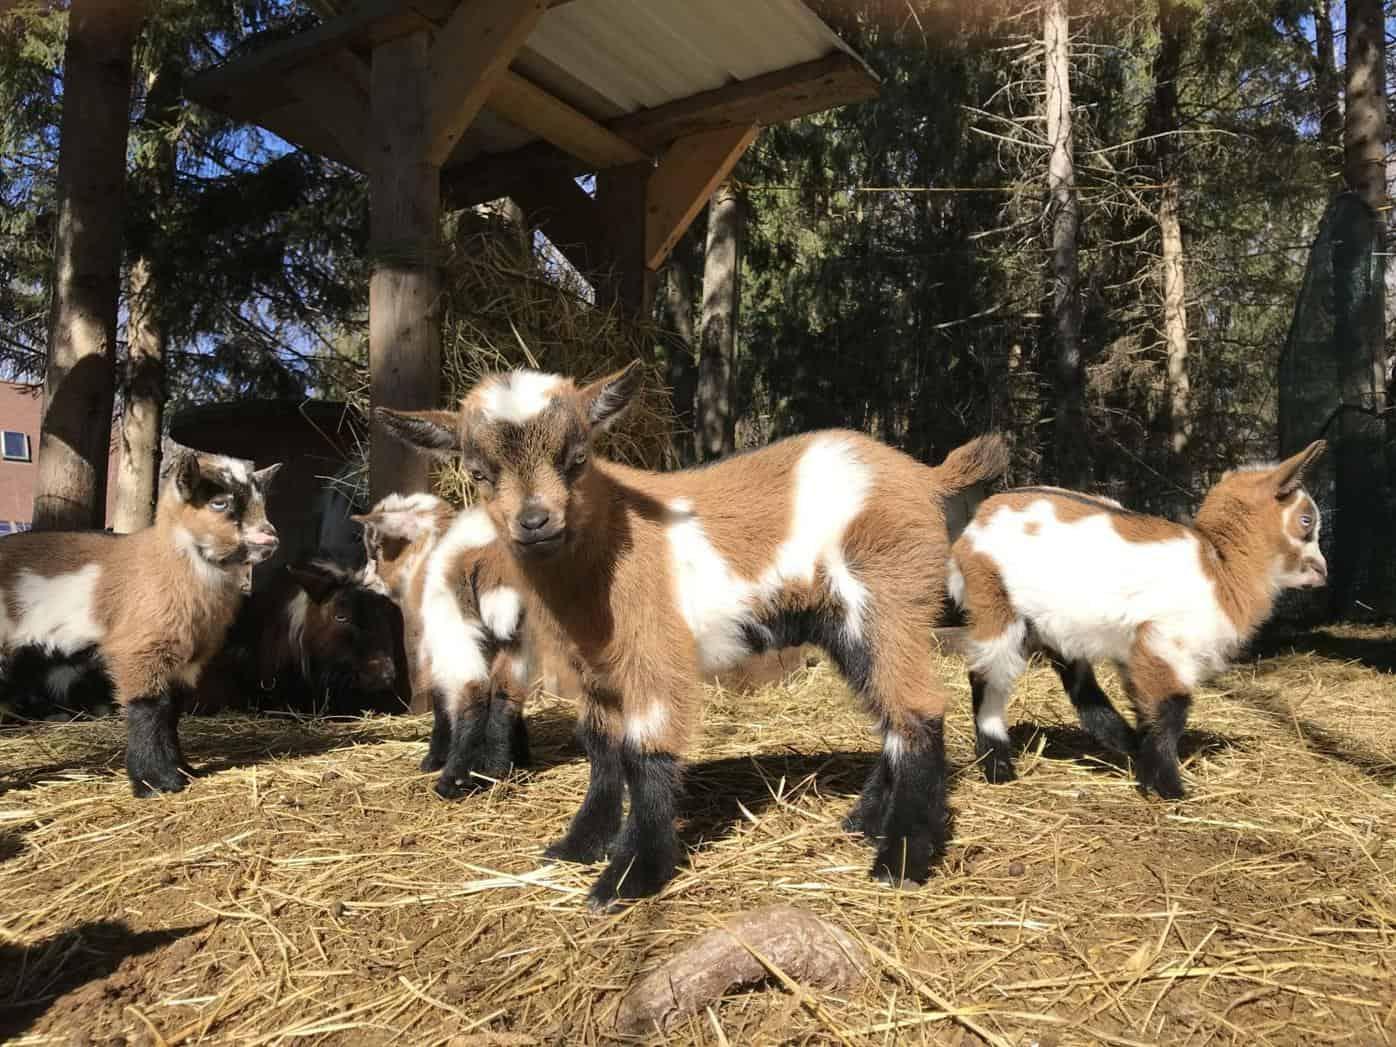 The Ericksons' Pygmy Goats